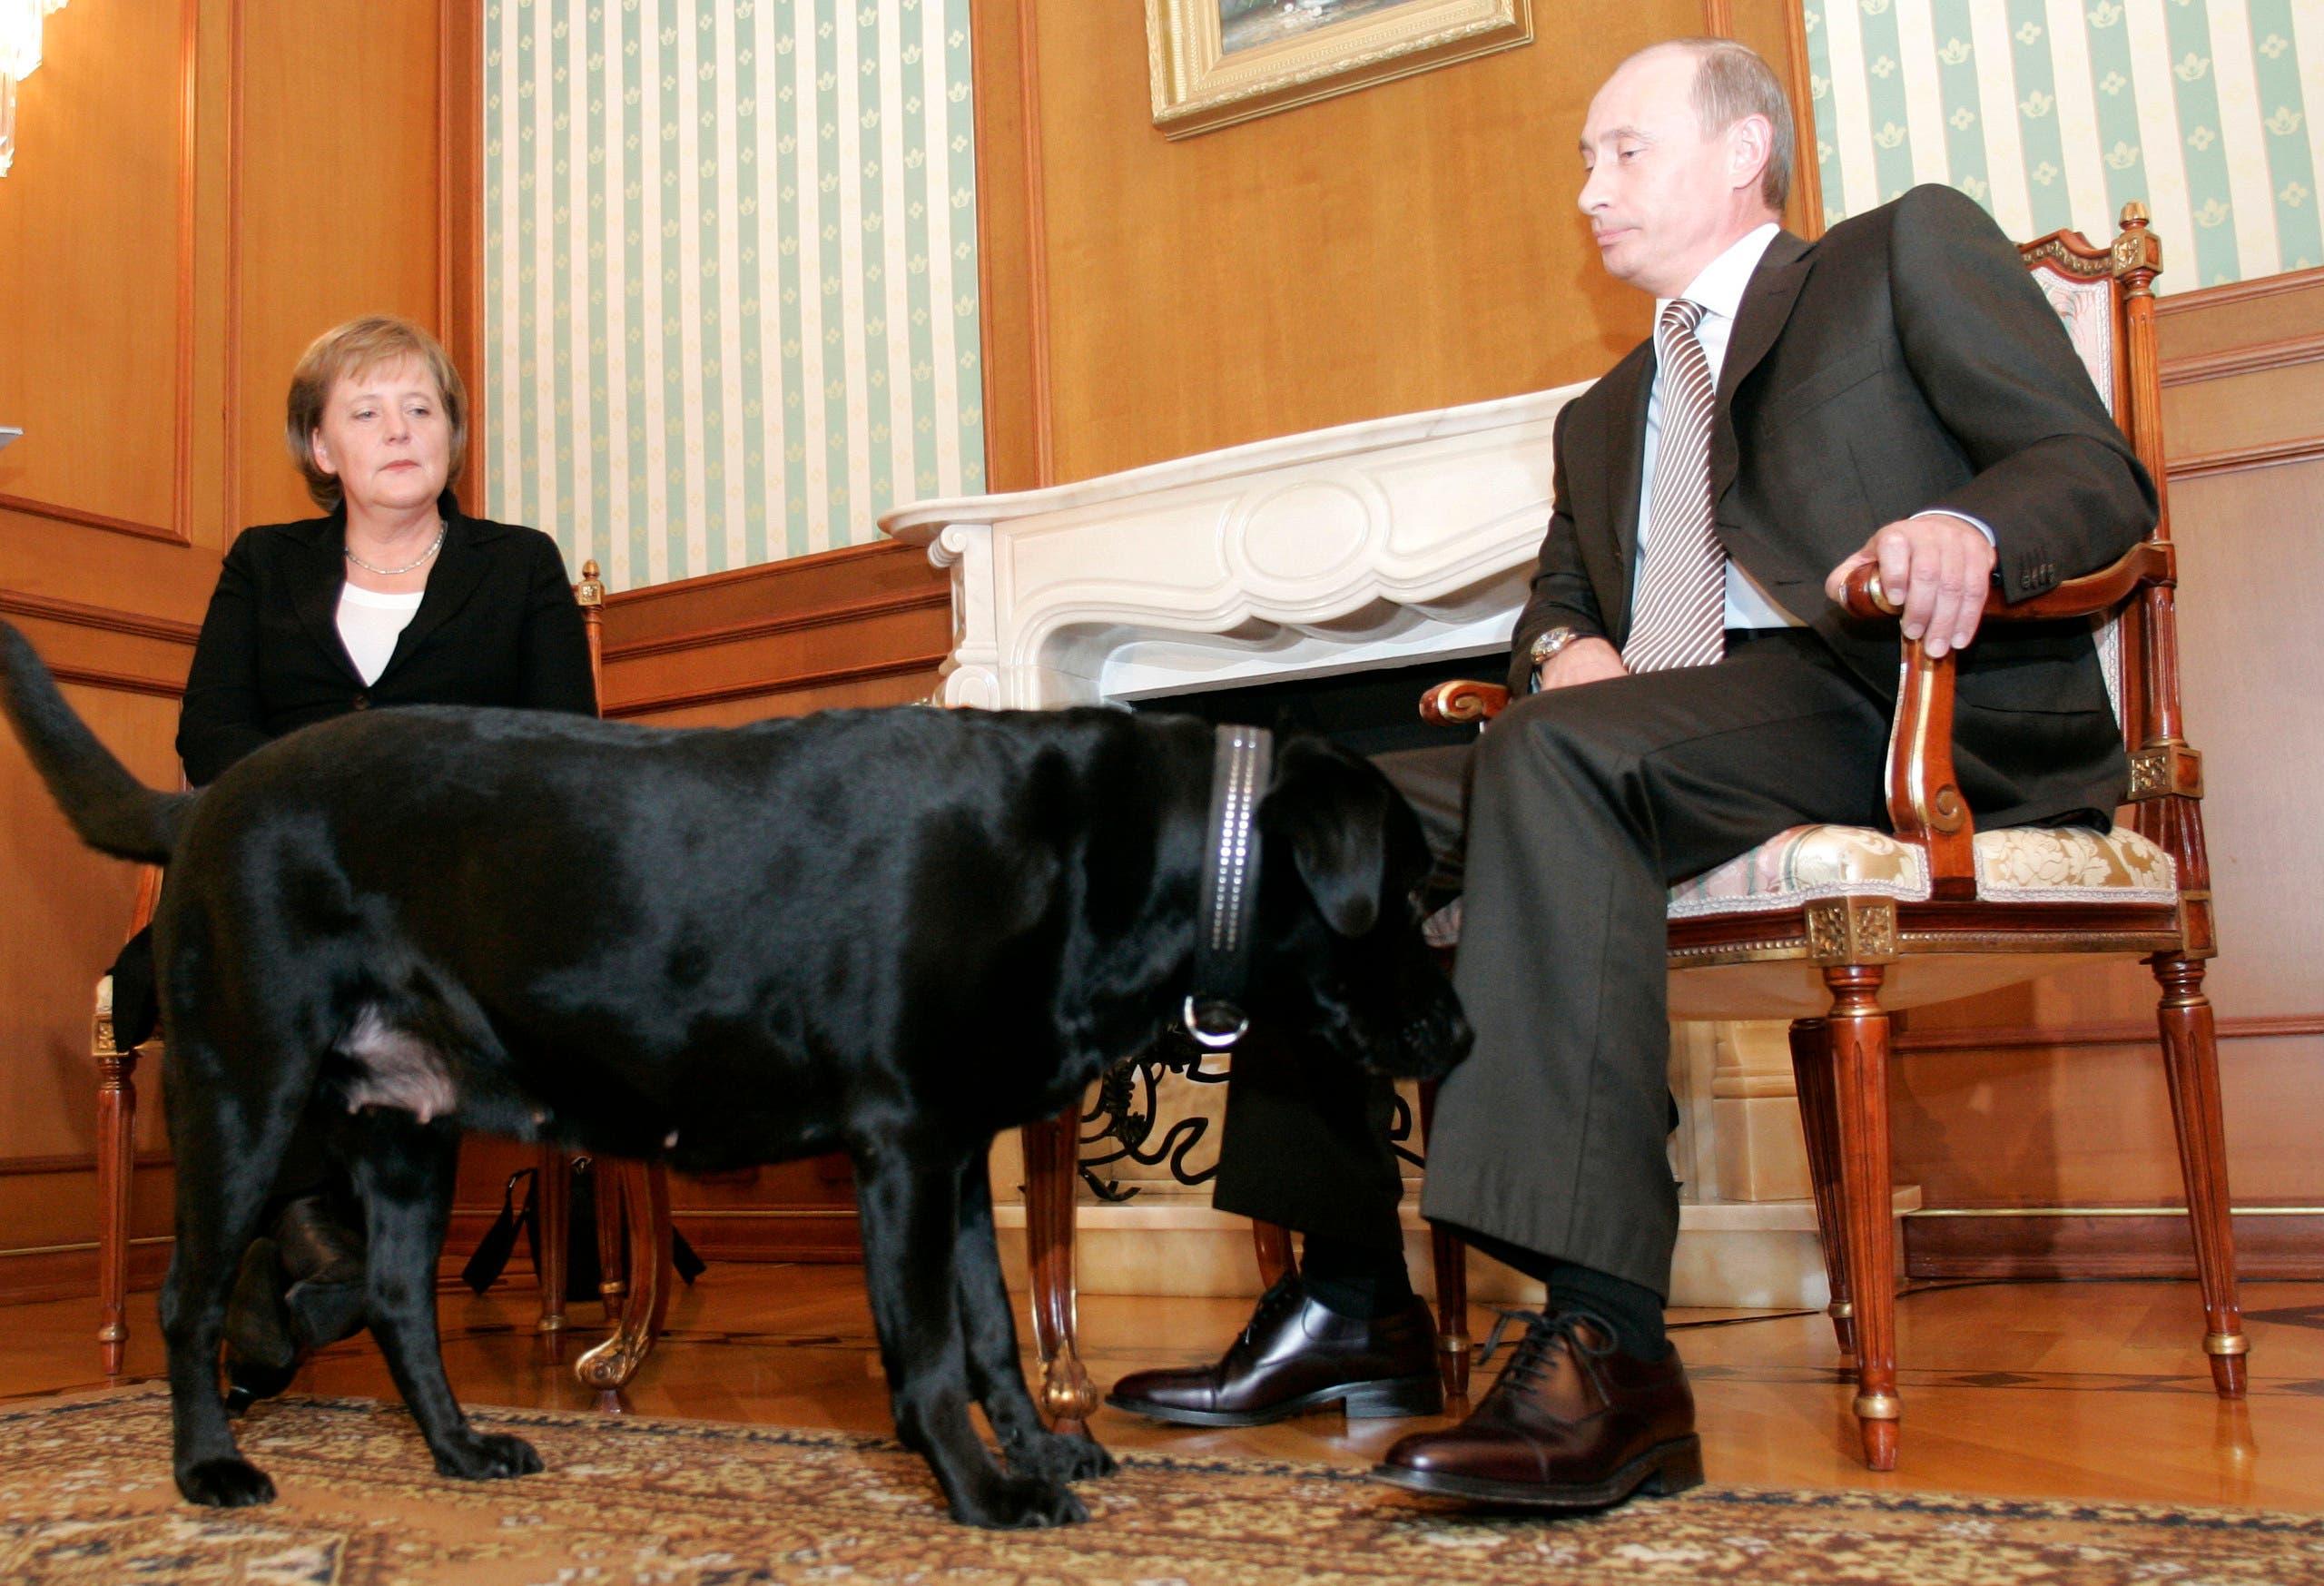 خلال زيارة ميركل لموسكو في 2007 (رويترز)